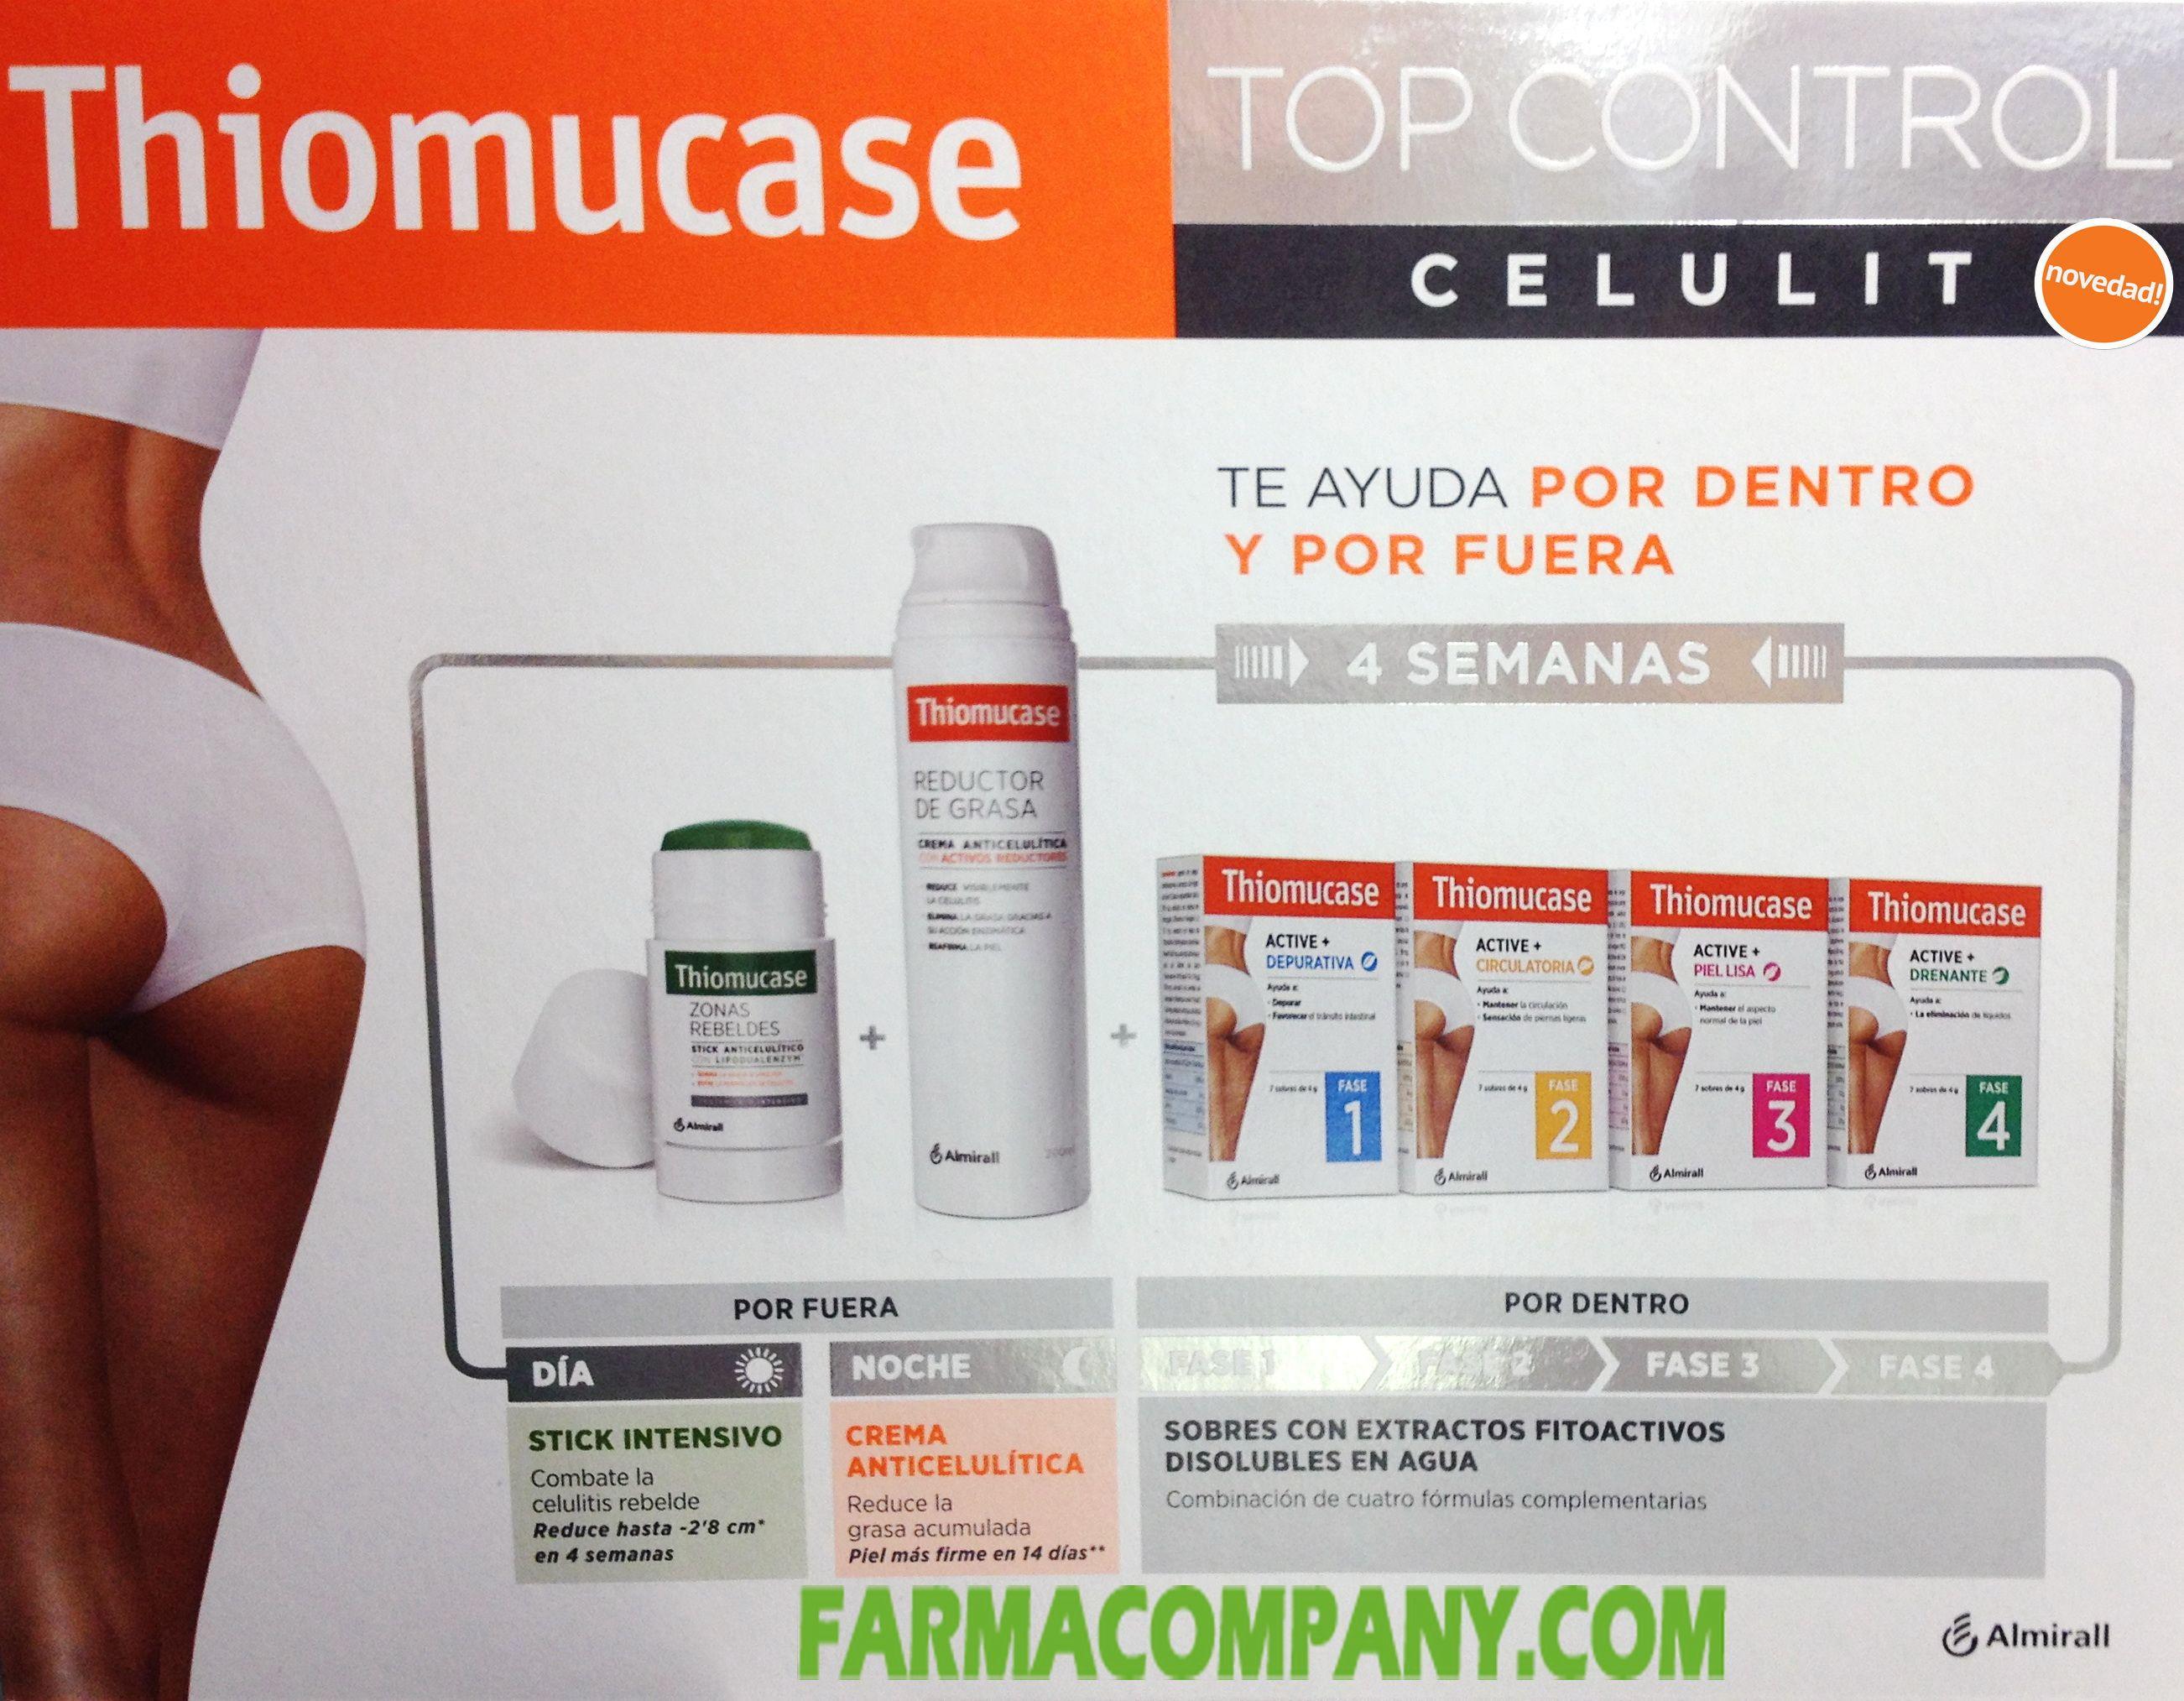 Thiomucase Top Control Celulit Pack Anticelulitico Grasa Cremas